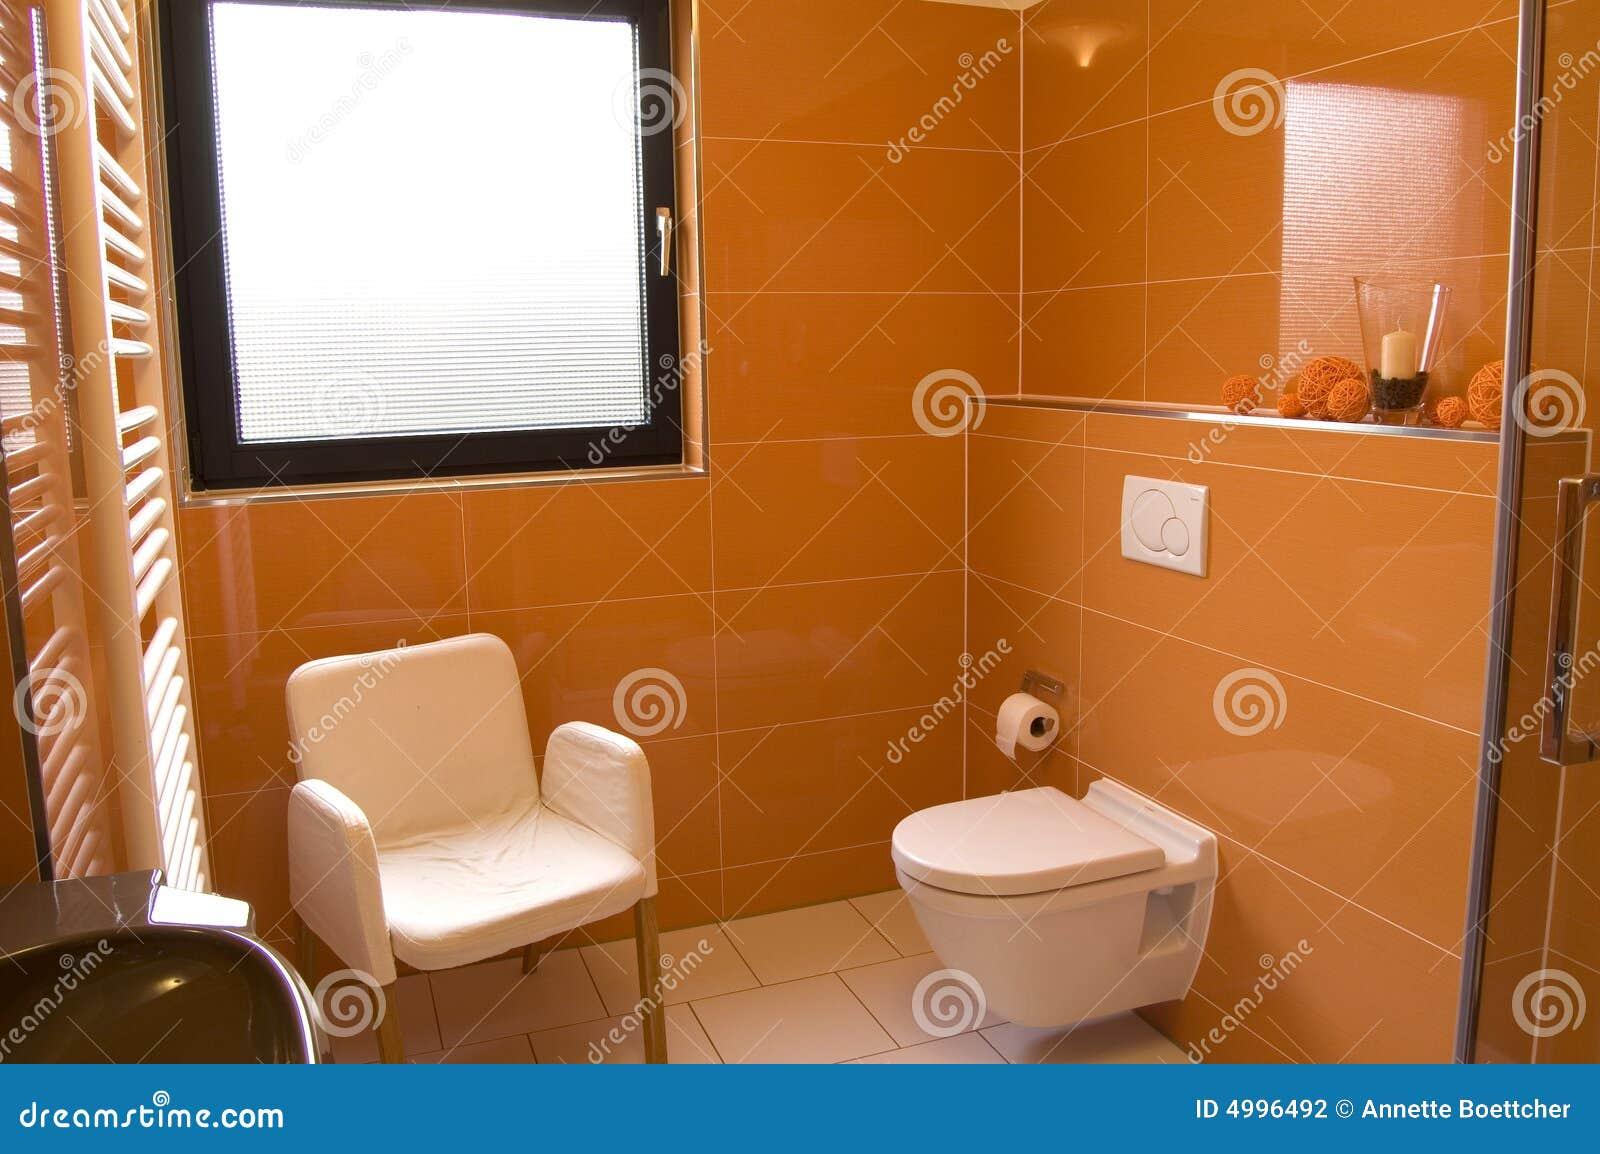 modernes orange badezimmer stockfotografie bild 4996492. Black Bedroom Furniture Sets. Home Design Ideas